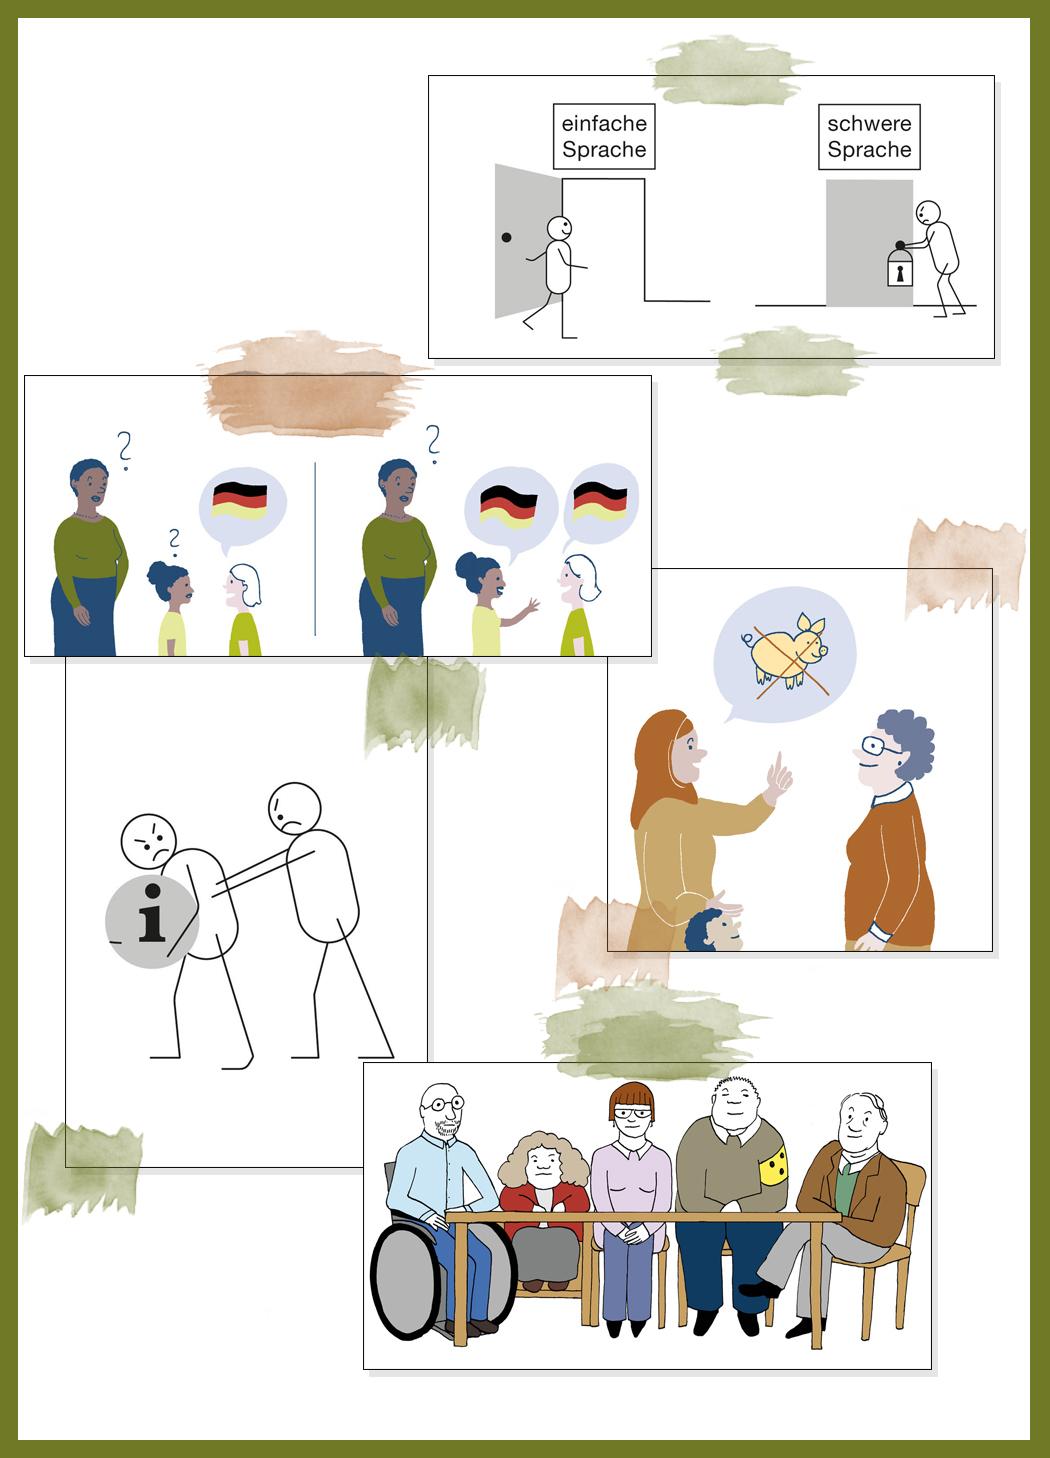 Leichte Sprache der Illustratorin Simone Fass